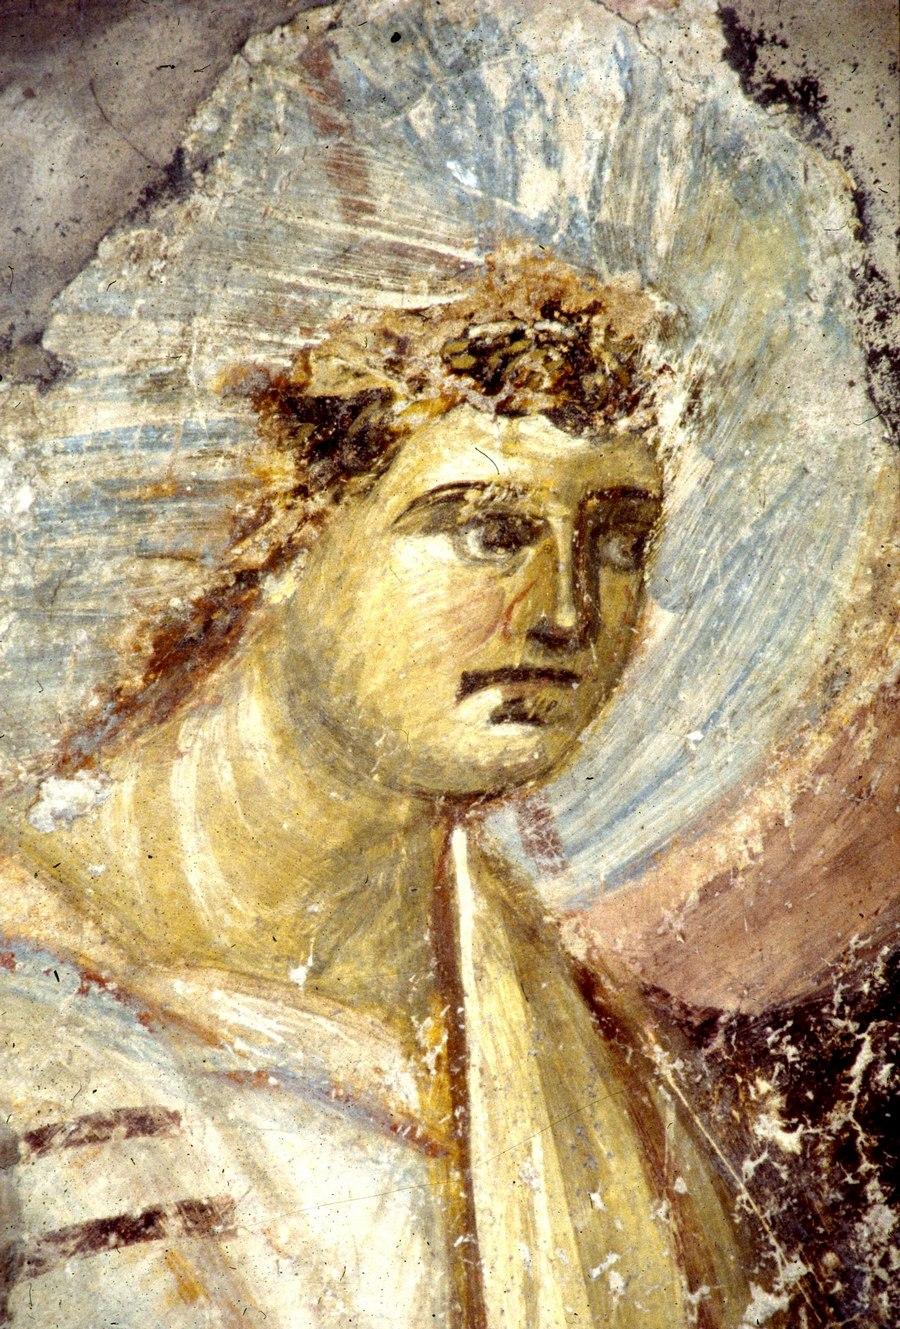 """Архангел Гавриил. Фрагмент фрески """"Благовещение Пресвятой Богородицы"""". Церковь Санта-Мария-Антиква в Риме. Фреска выполнена византийскими мастерами в 705 - 707 году."""